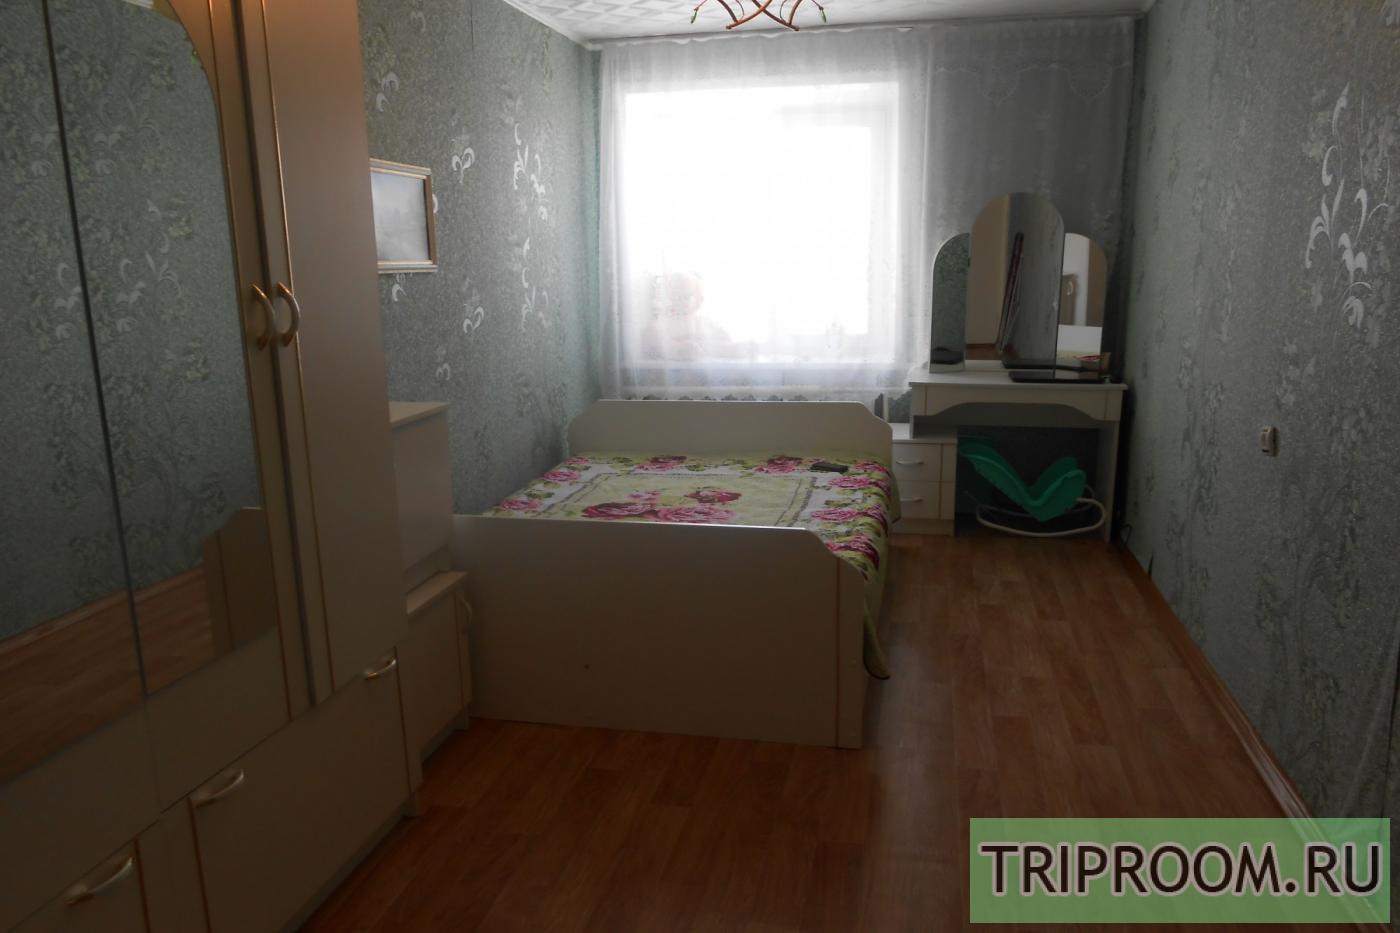 2-комнатная квартира посуточно (вариант № 32154), ул. квартал А, фото № 2